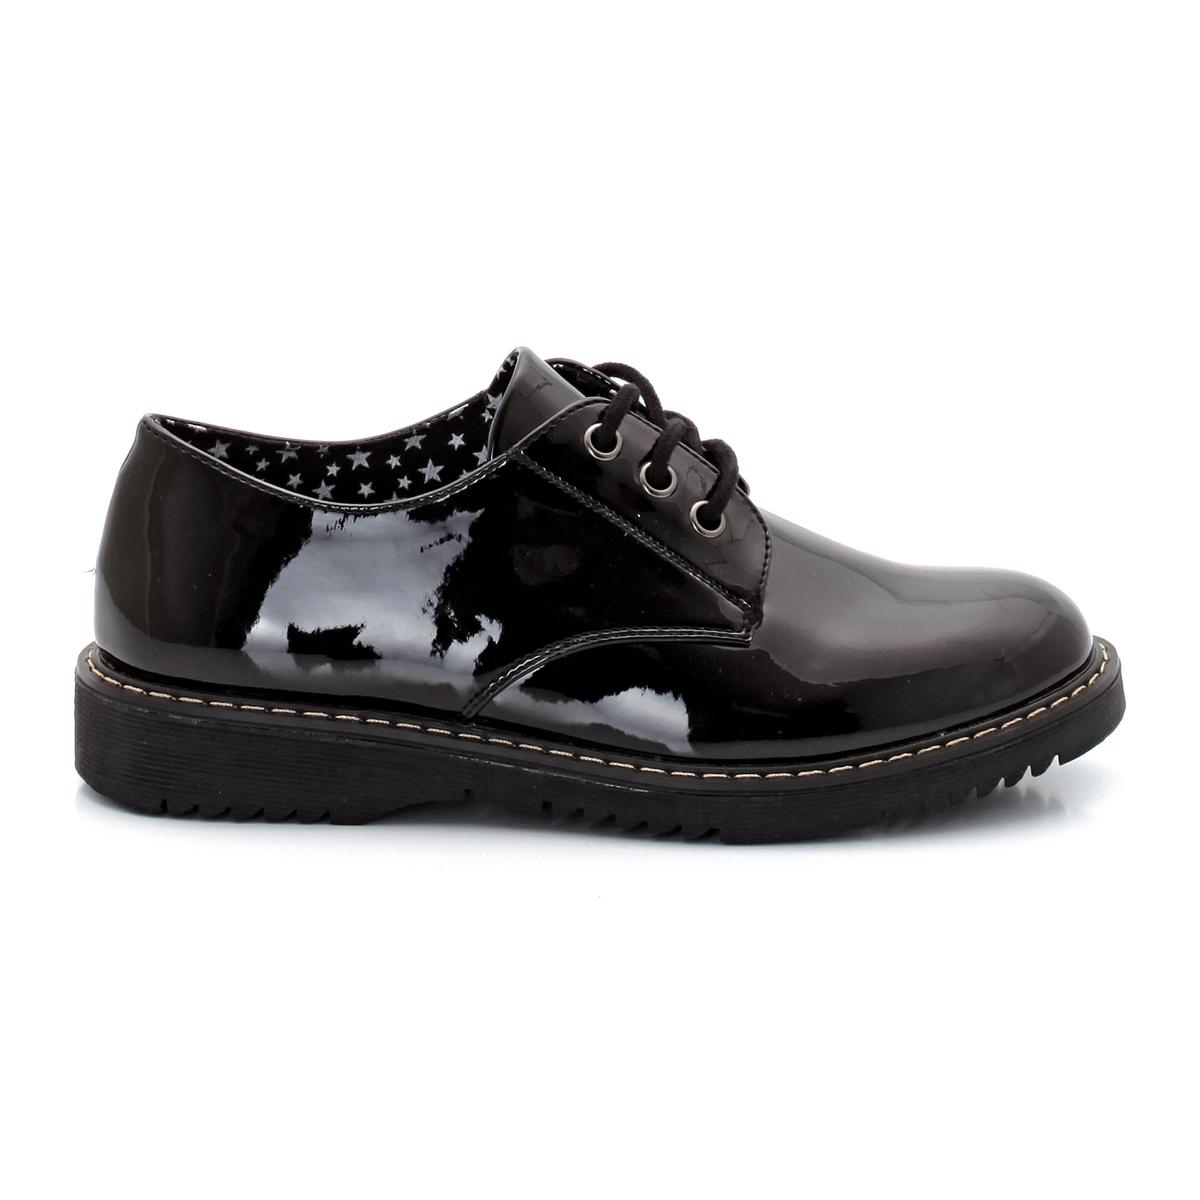 Ботинки-дерби лакированные на шнуровке ботинки дерби синтетические